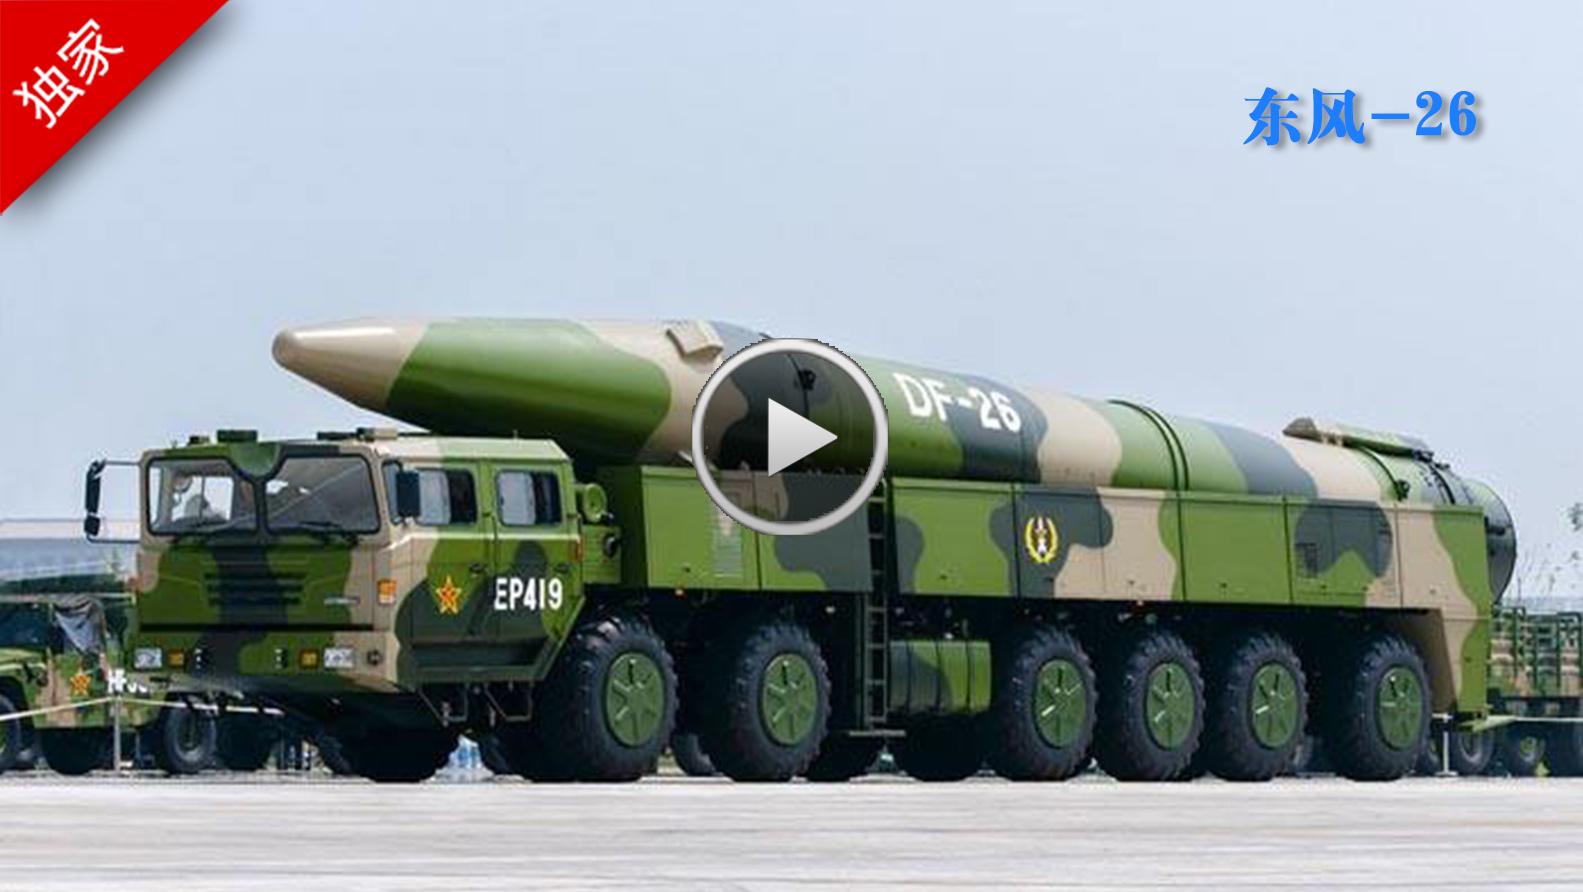 东风-26导弹列装火箭军